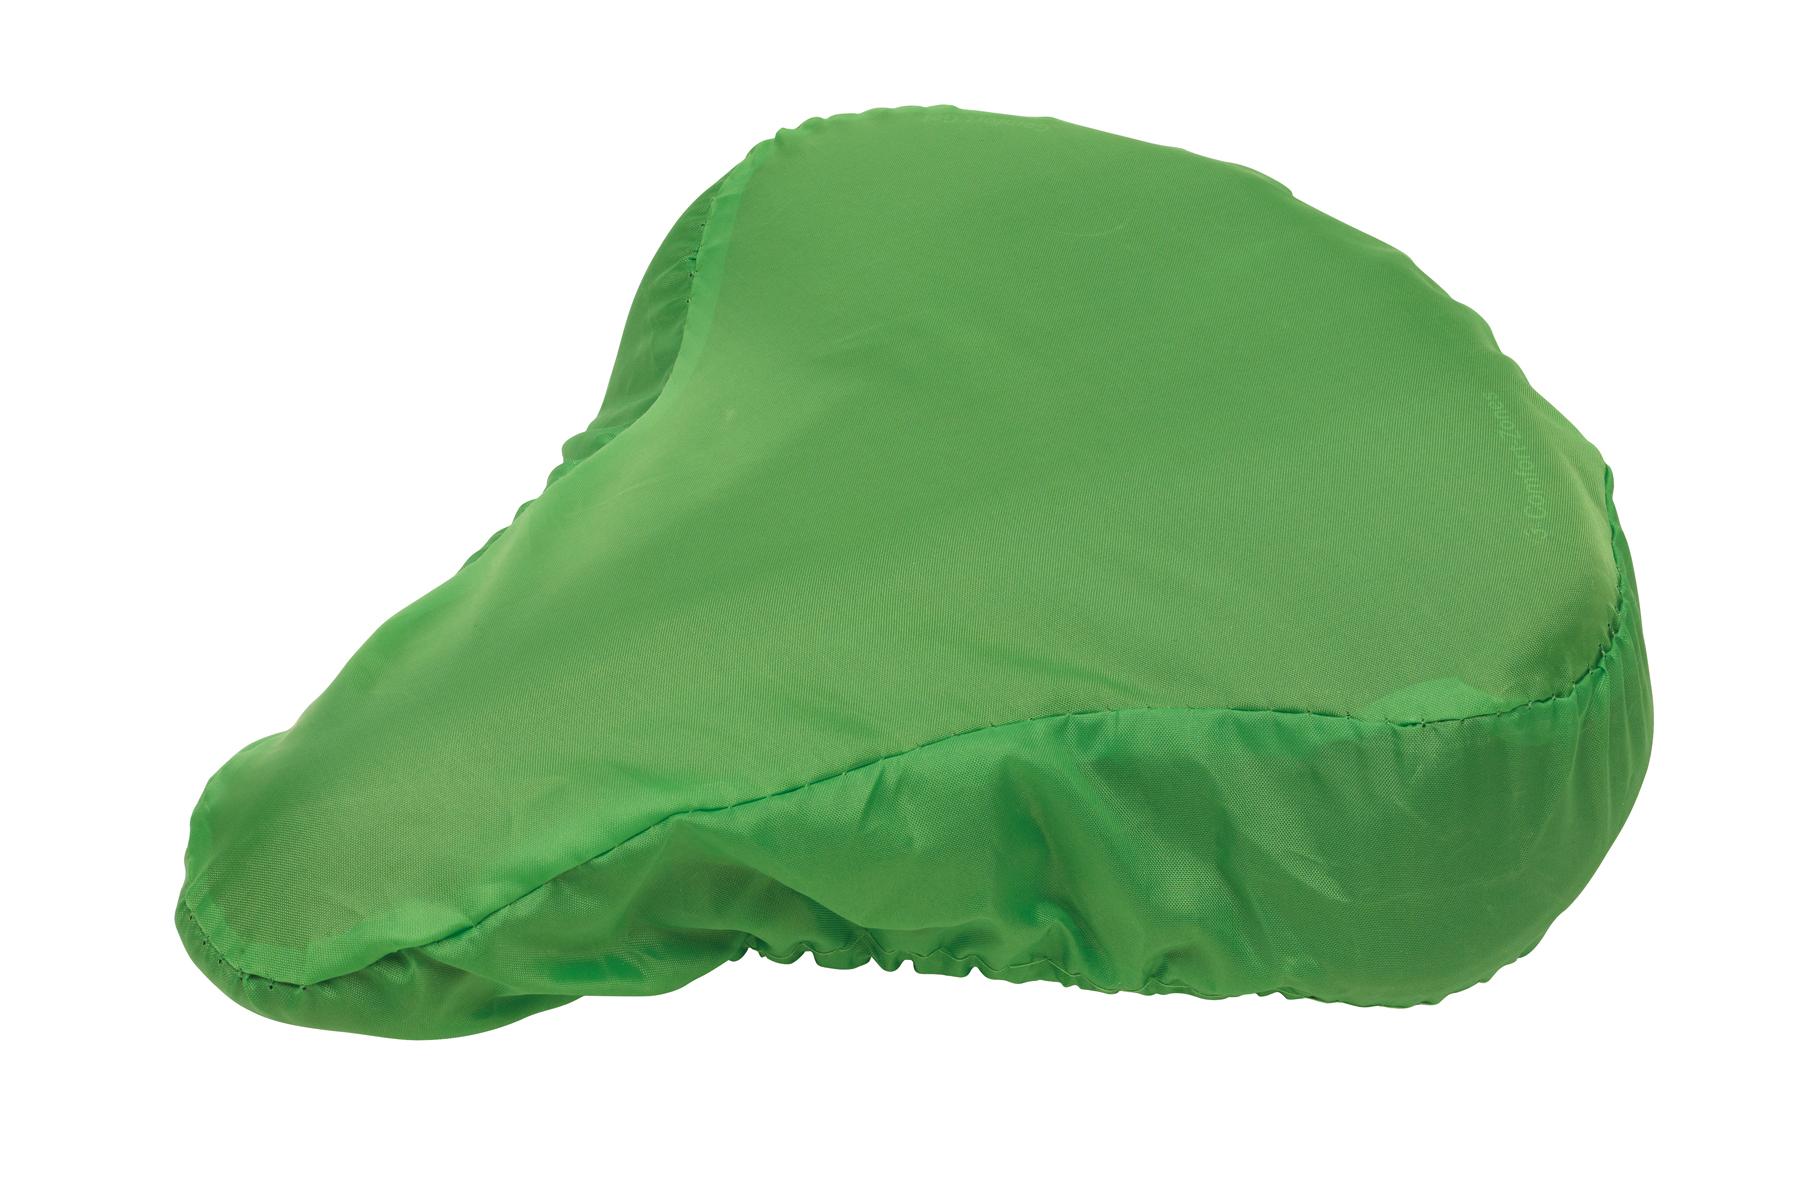 Pokrowiec na siodełko rowerowe DRY SEAT, zielony